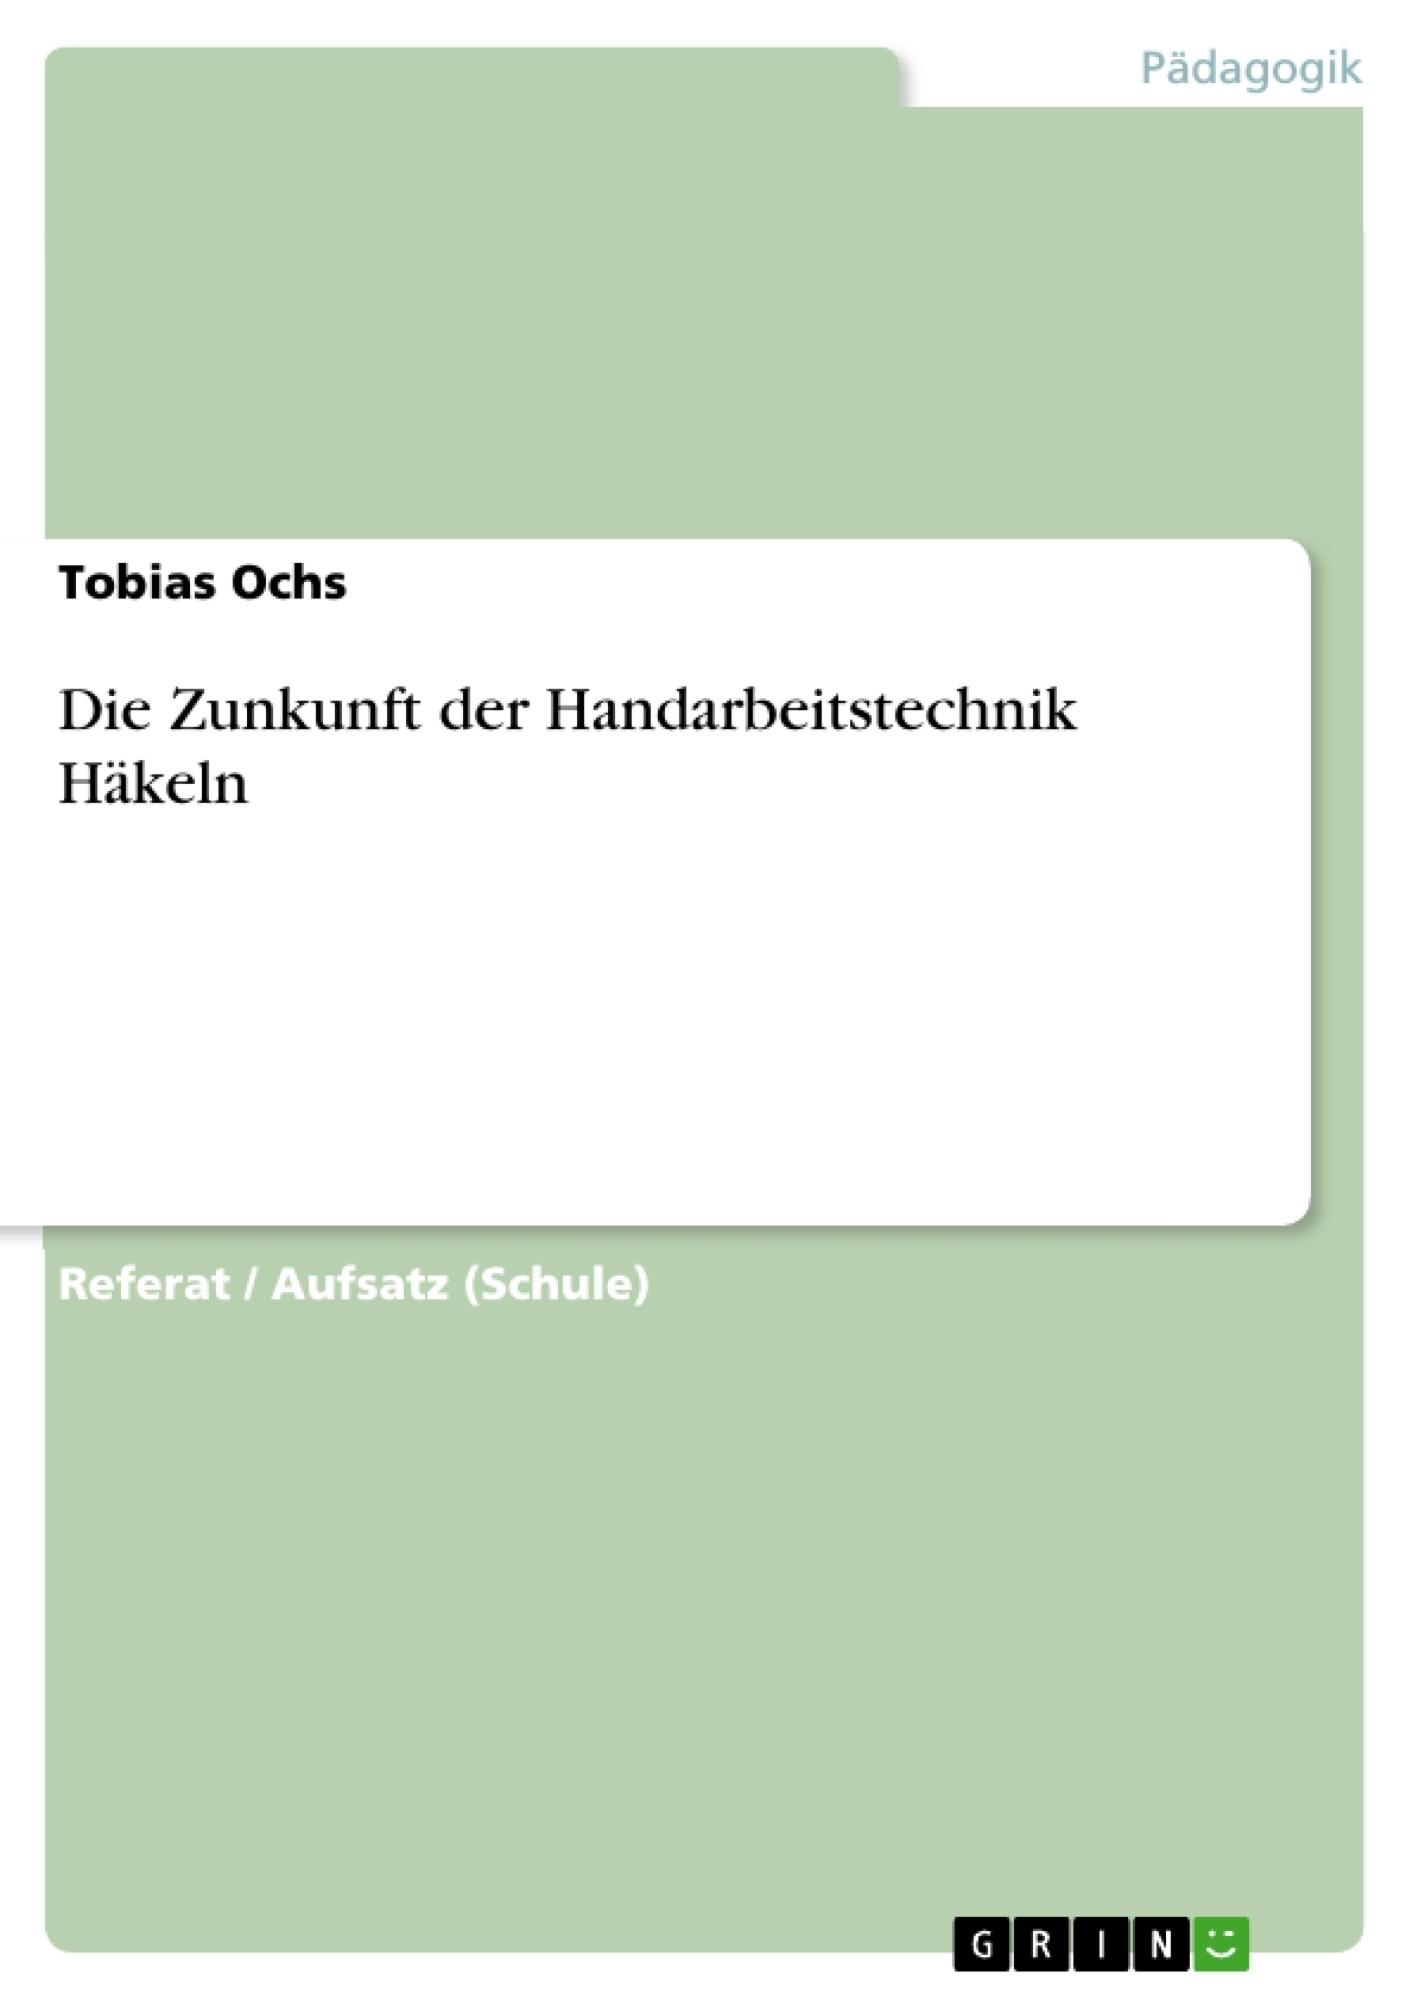 Die Zunkunft der Handarbeitstechnik Häkeln | Masterarbeit ...